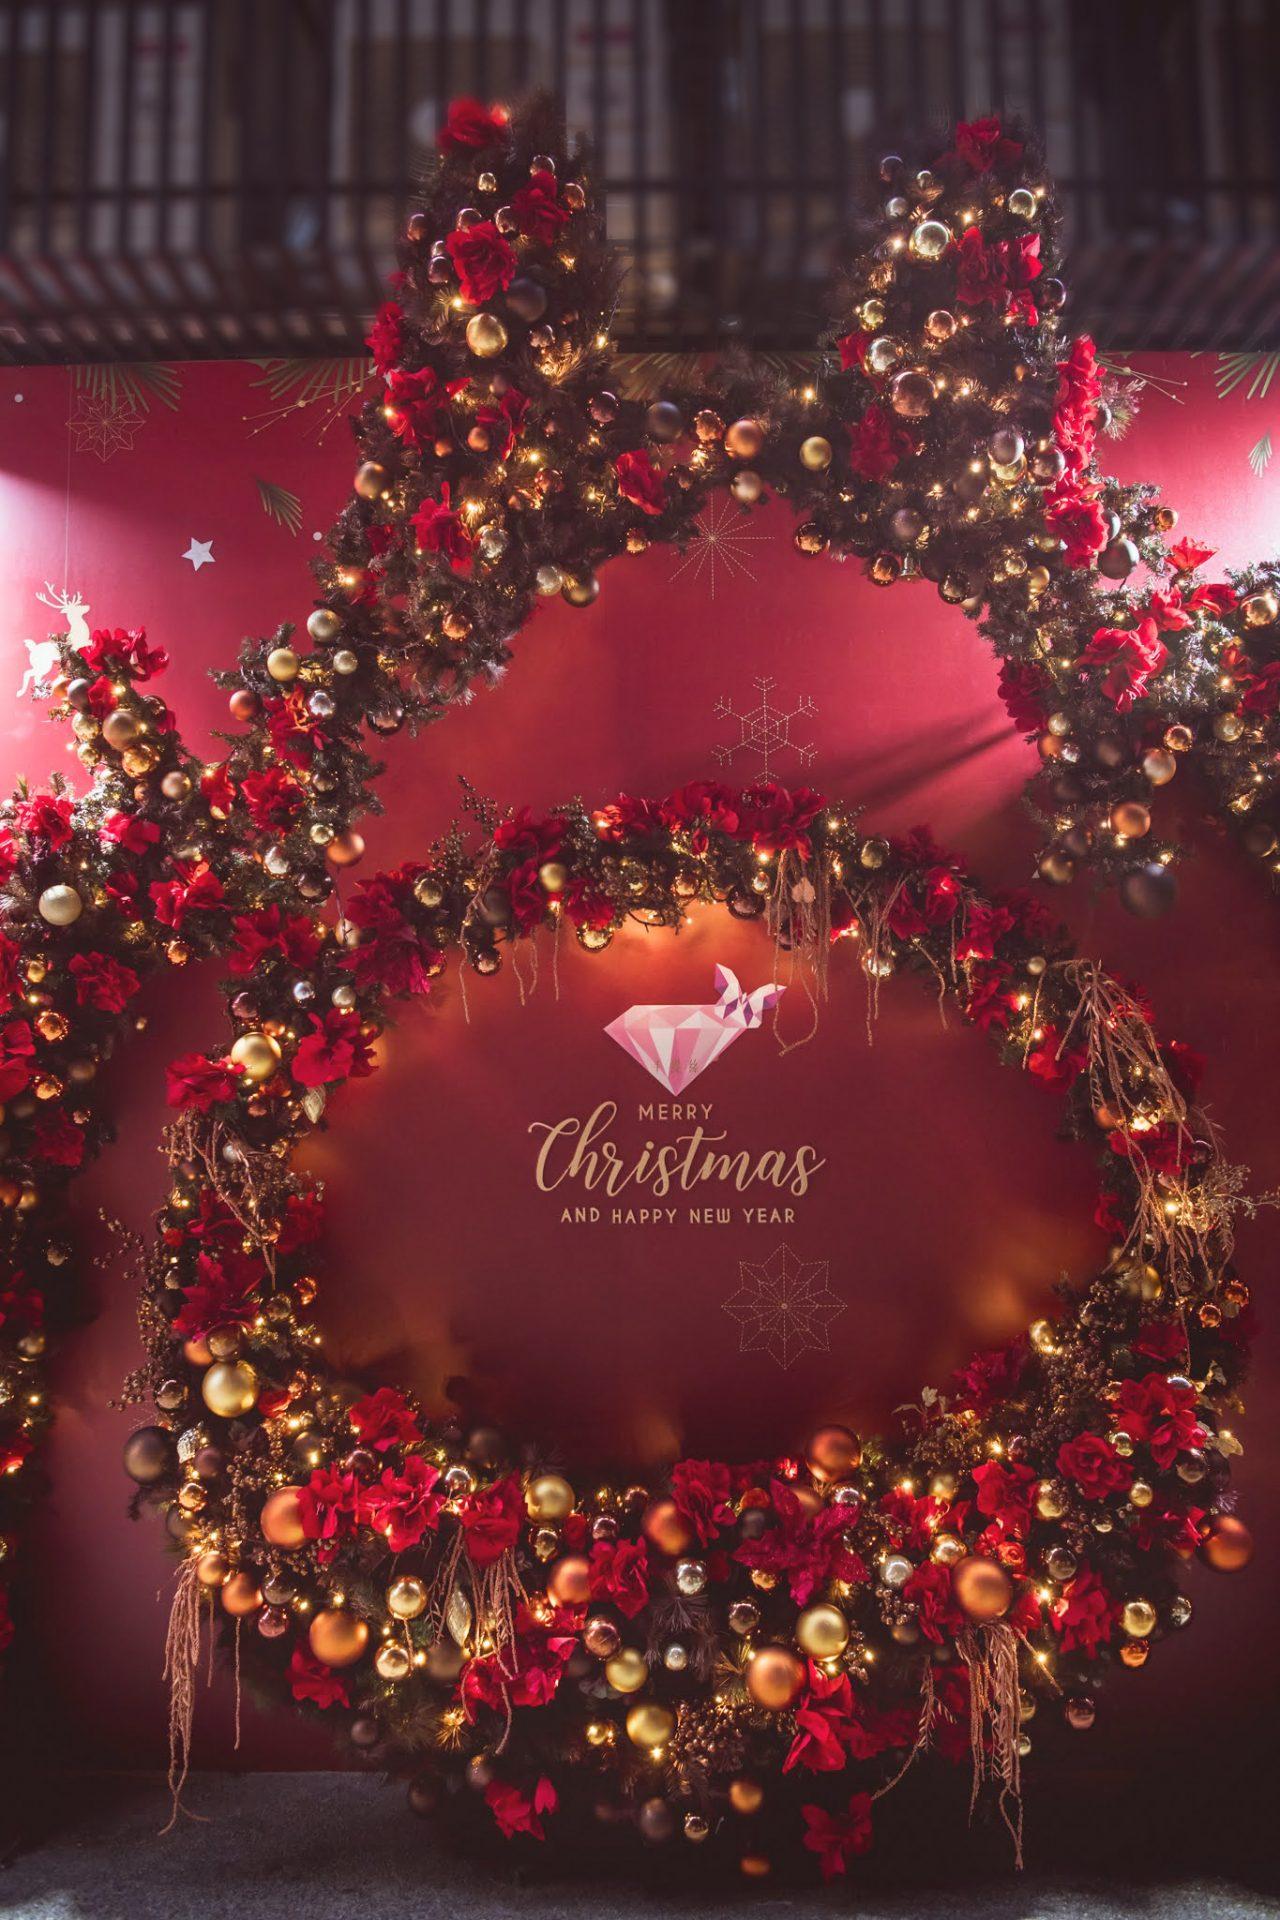 聖誕節佈置